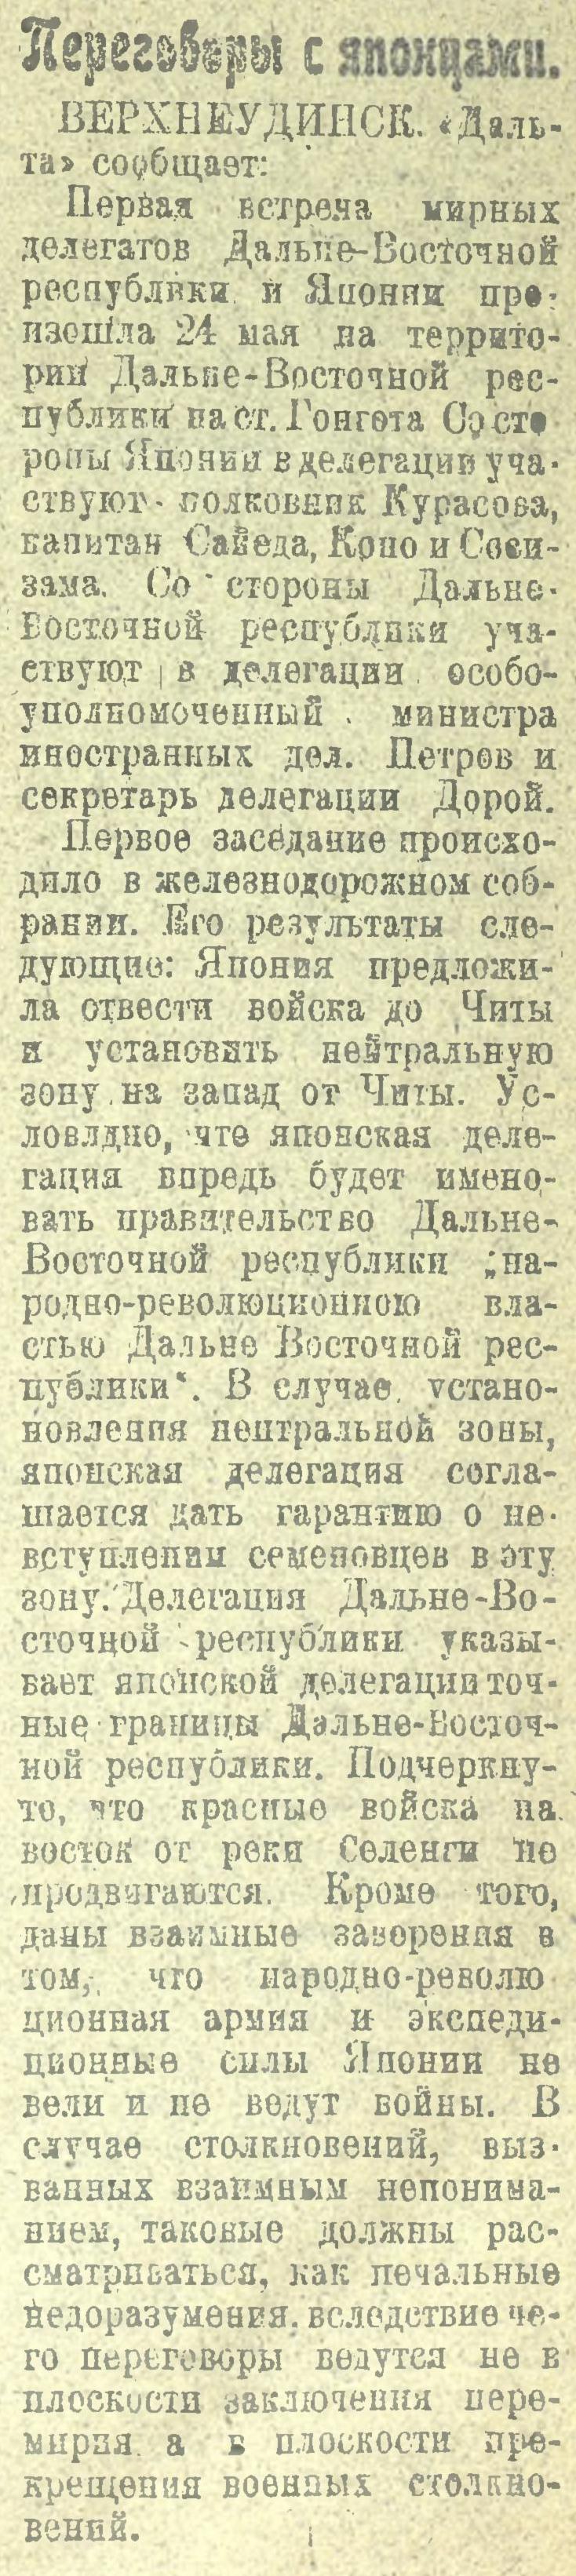 Переговоры с японцами_Красный Урал. № 130 (80). Суббота, 12 июня 1920 года.jpg